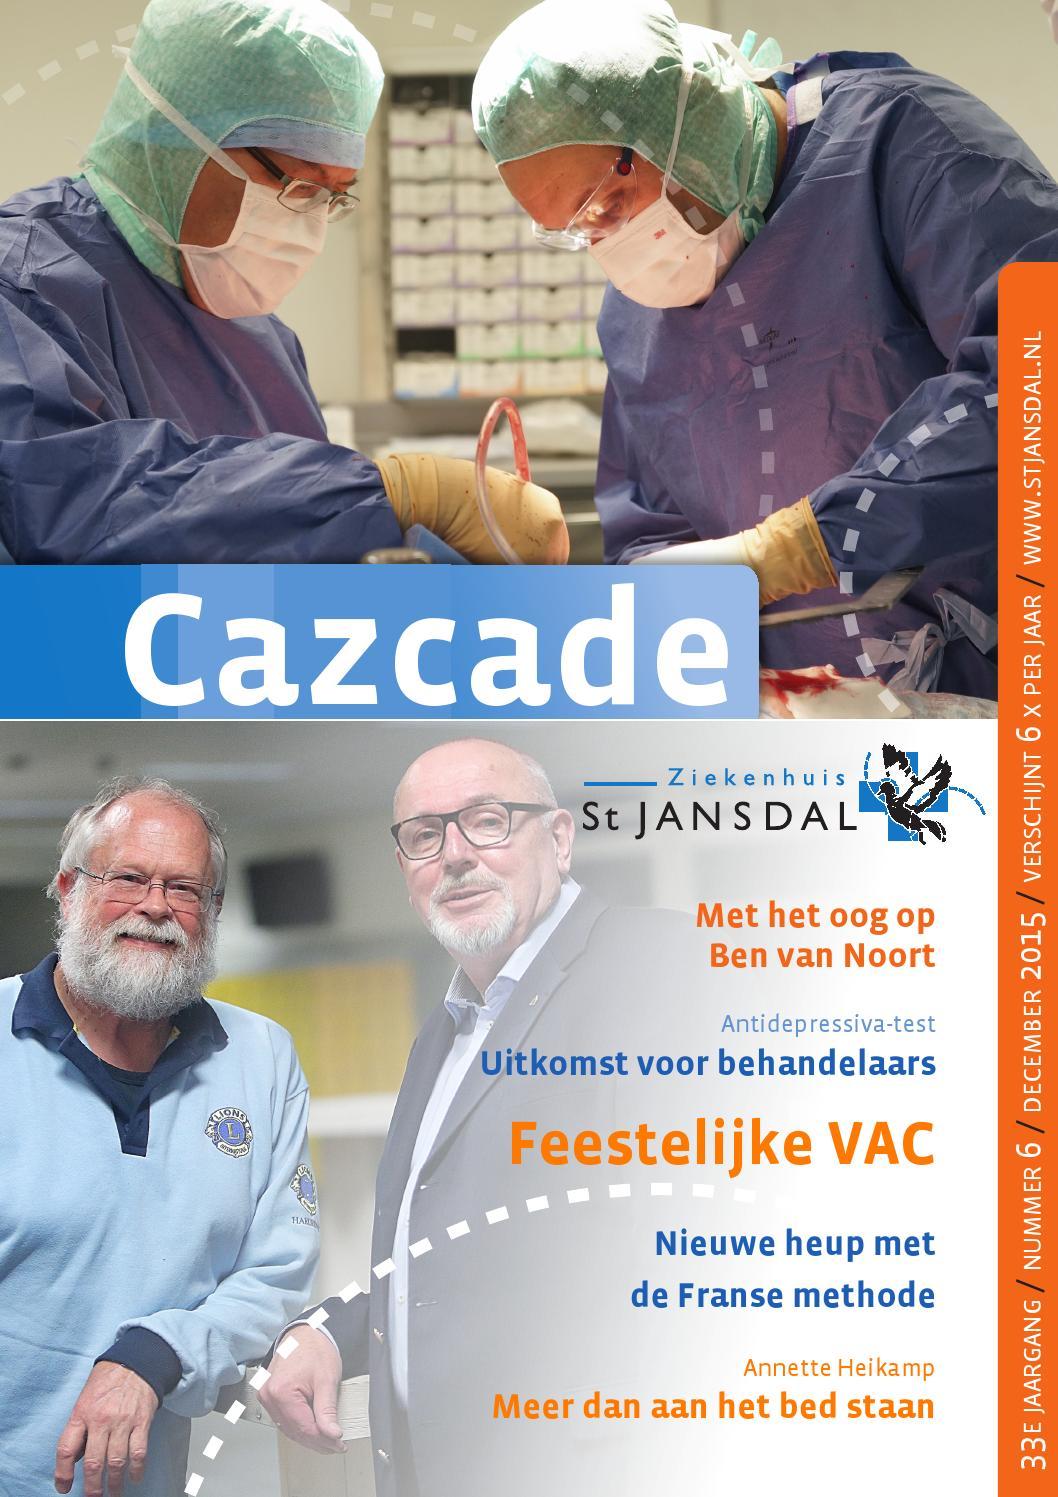 Cazcade december 2015 by ziekenhuis st jansdal   issuu